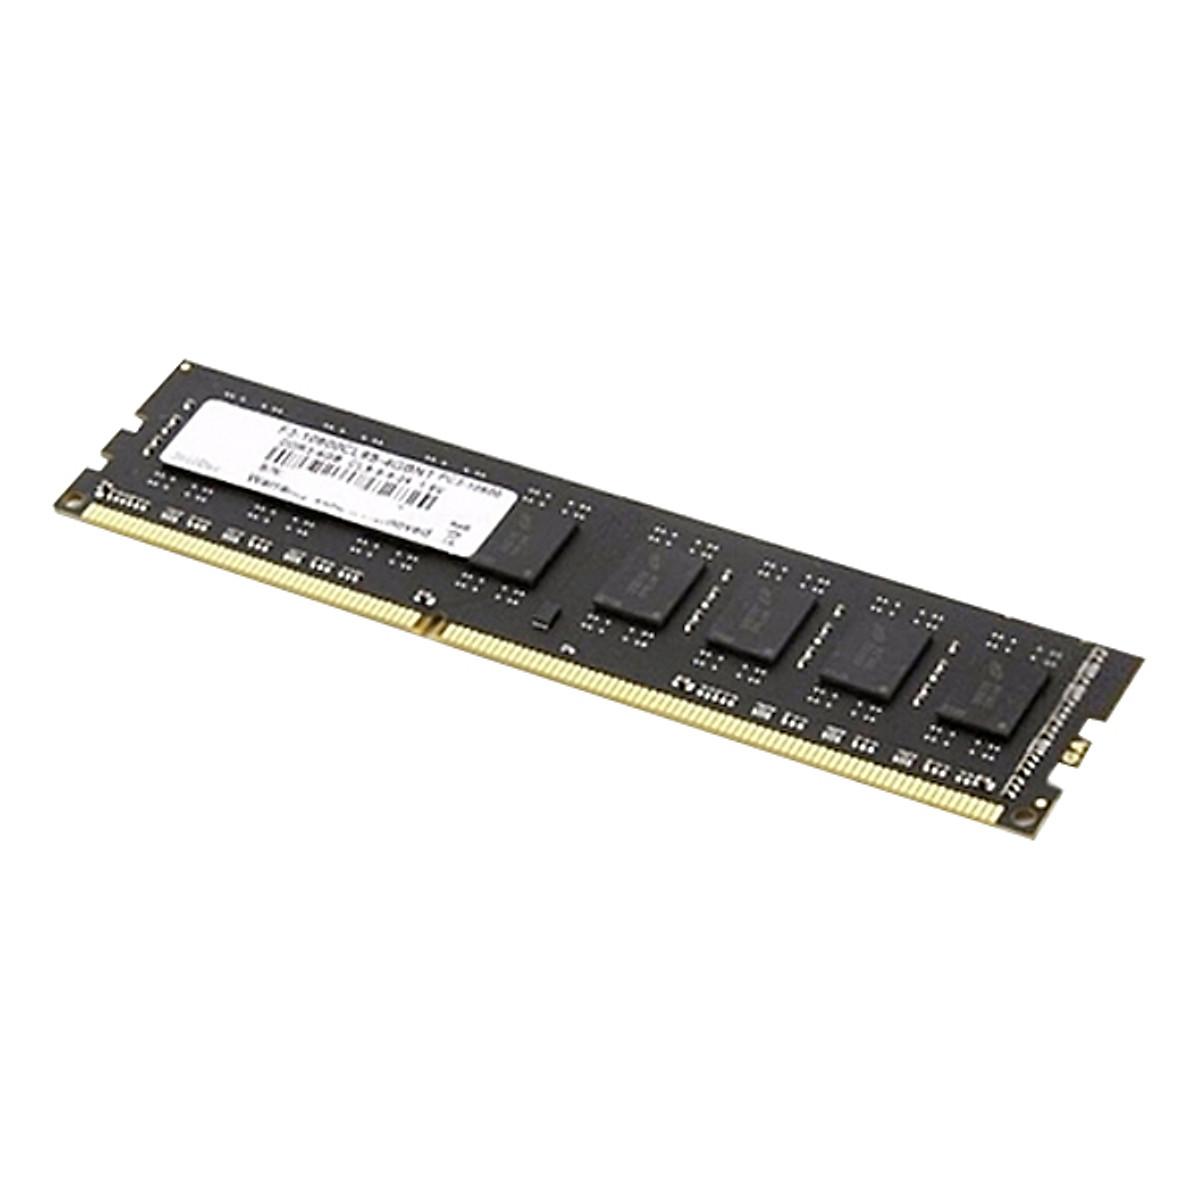 Hình đại diện sản phẩm RAM DDR4 Dato 4GB/2400mHz - Không Tản Nhiệt